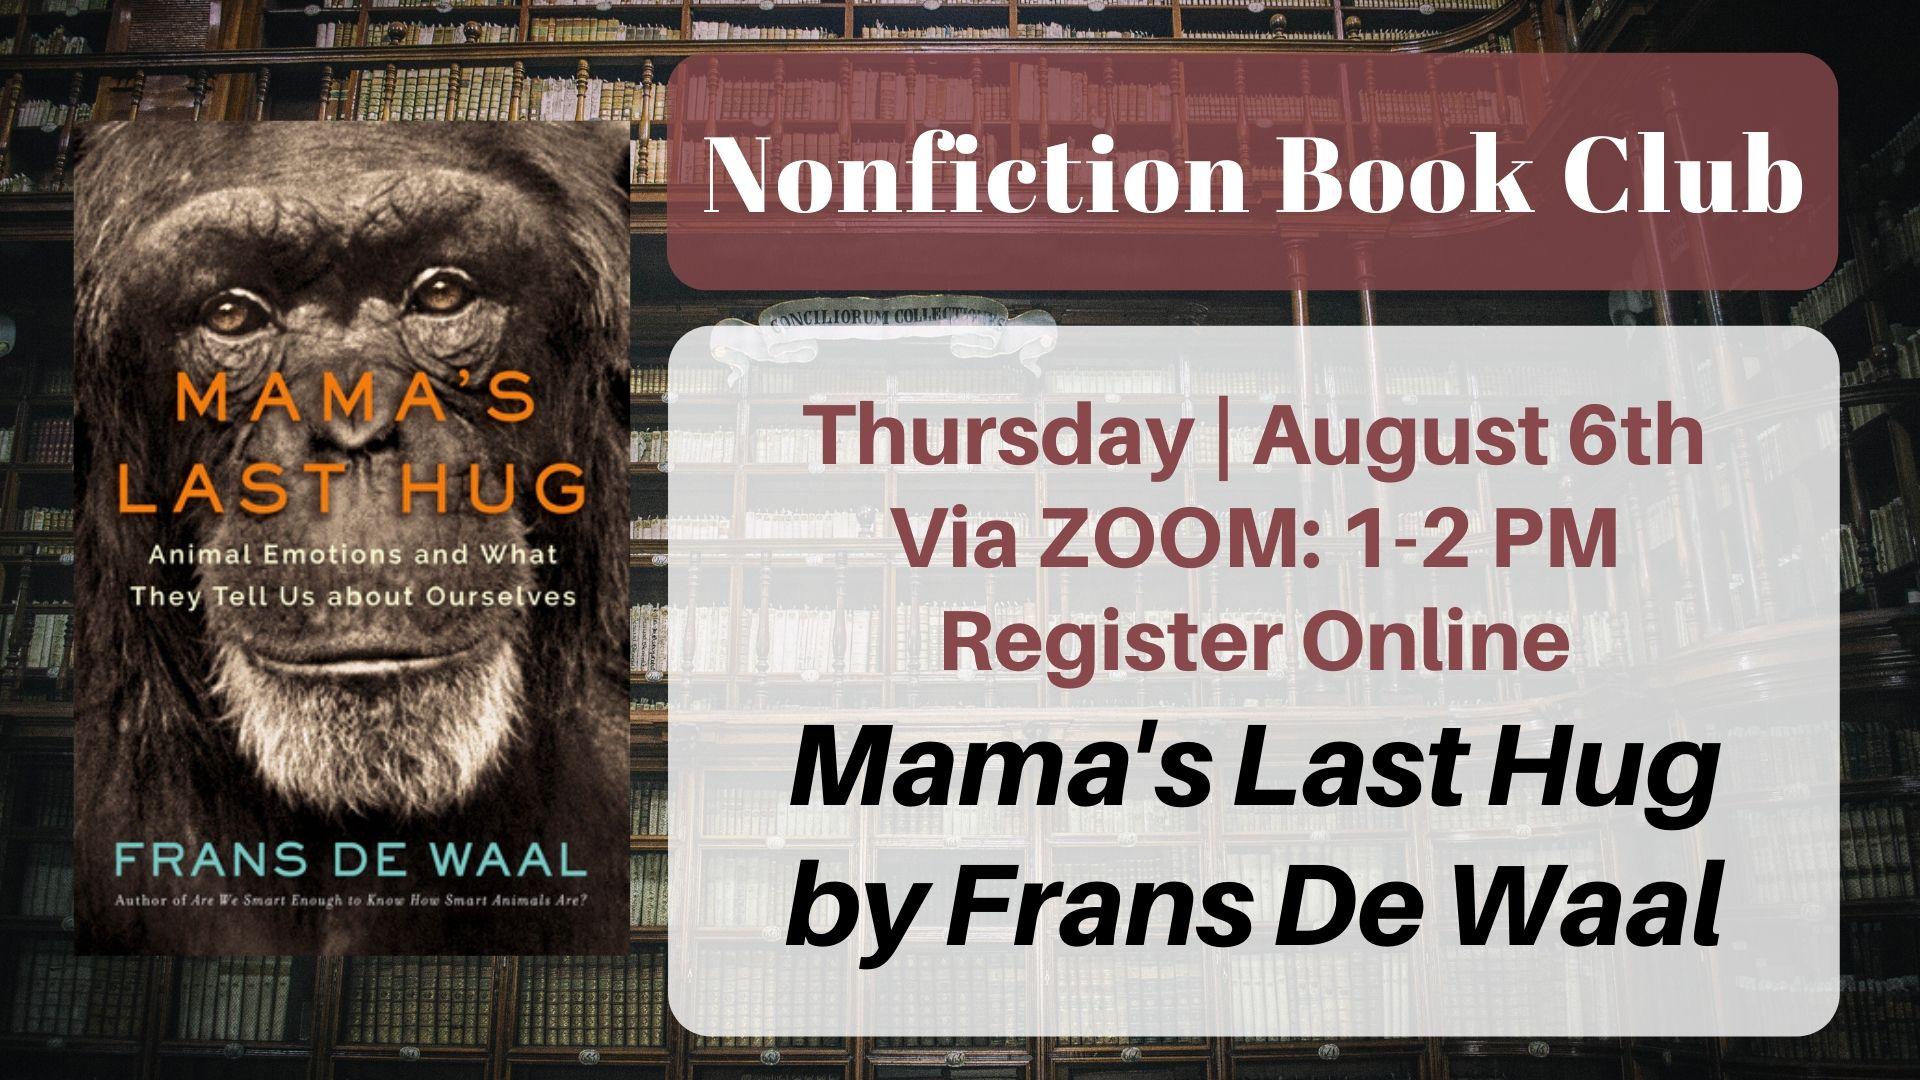 Nonfiction Book Club: Mama's Last Hug by Frans de Waal